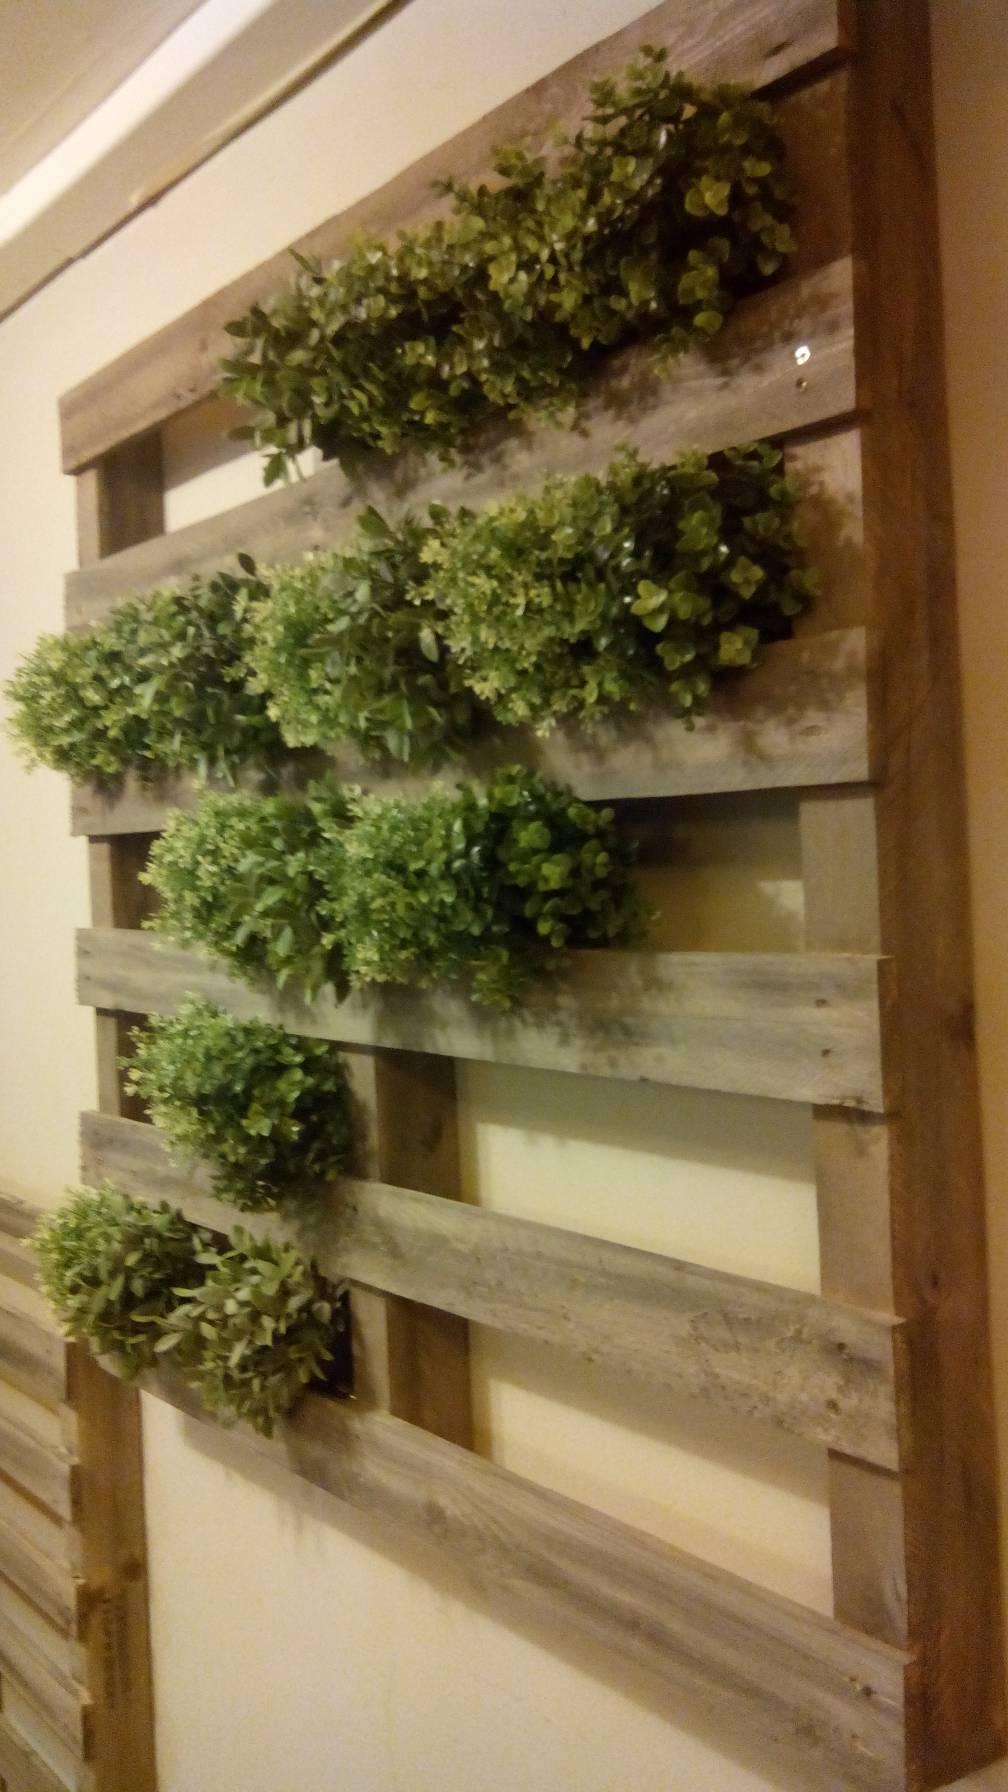 Jardin vertical faite avec des palettesmeuble en palette for Jardin vertical casero palet